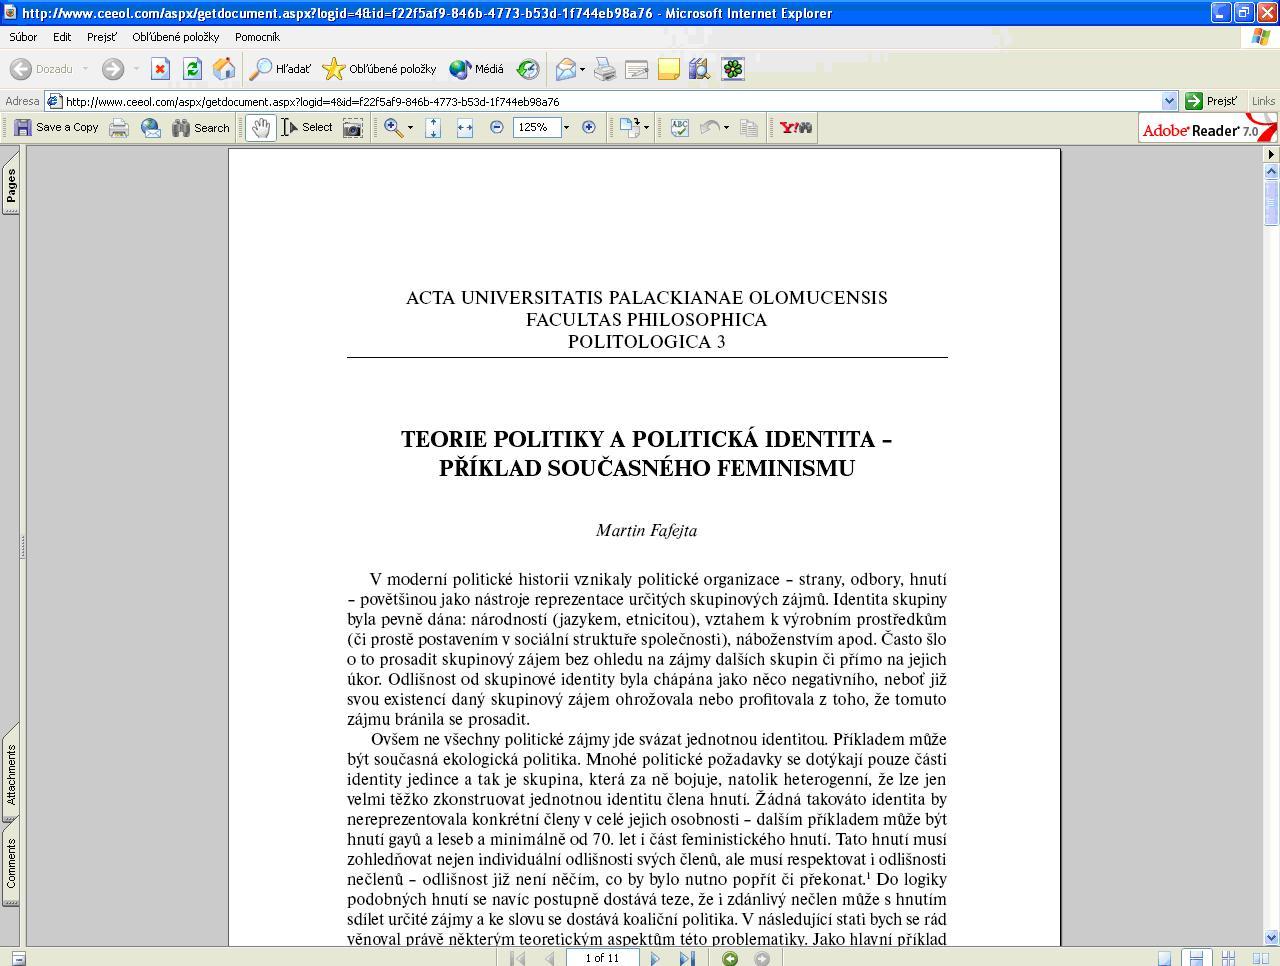 """Obr. 9: Konkrétny článok v PDF formáte po kliknutí na tlačidlo """"view"""""""